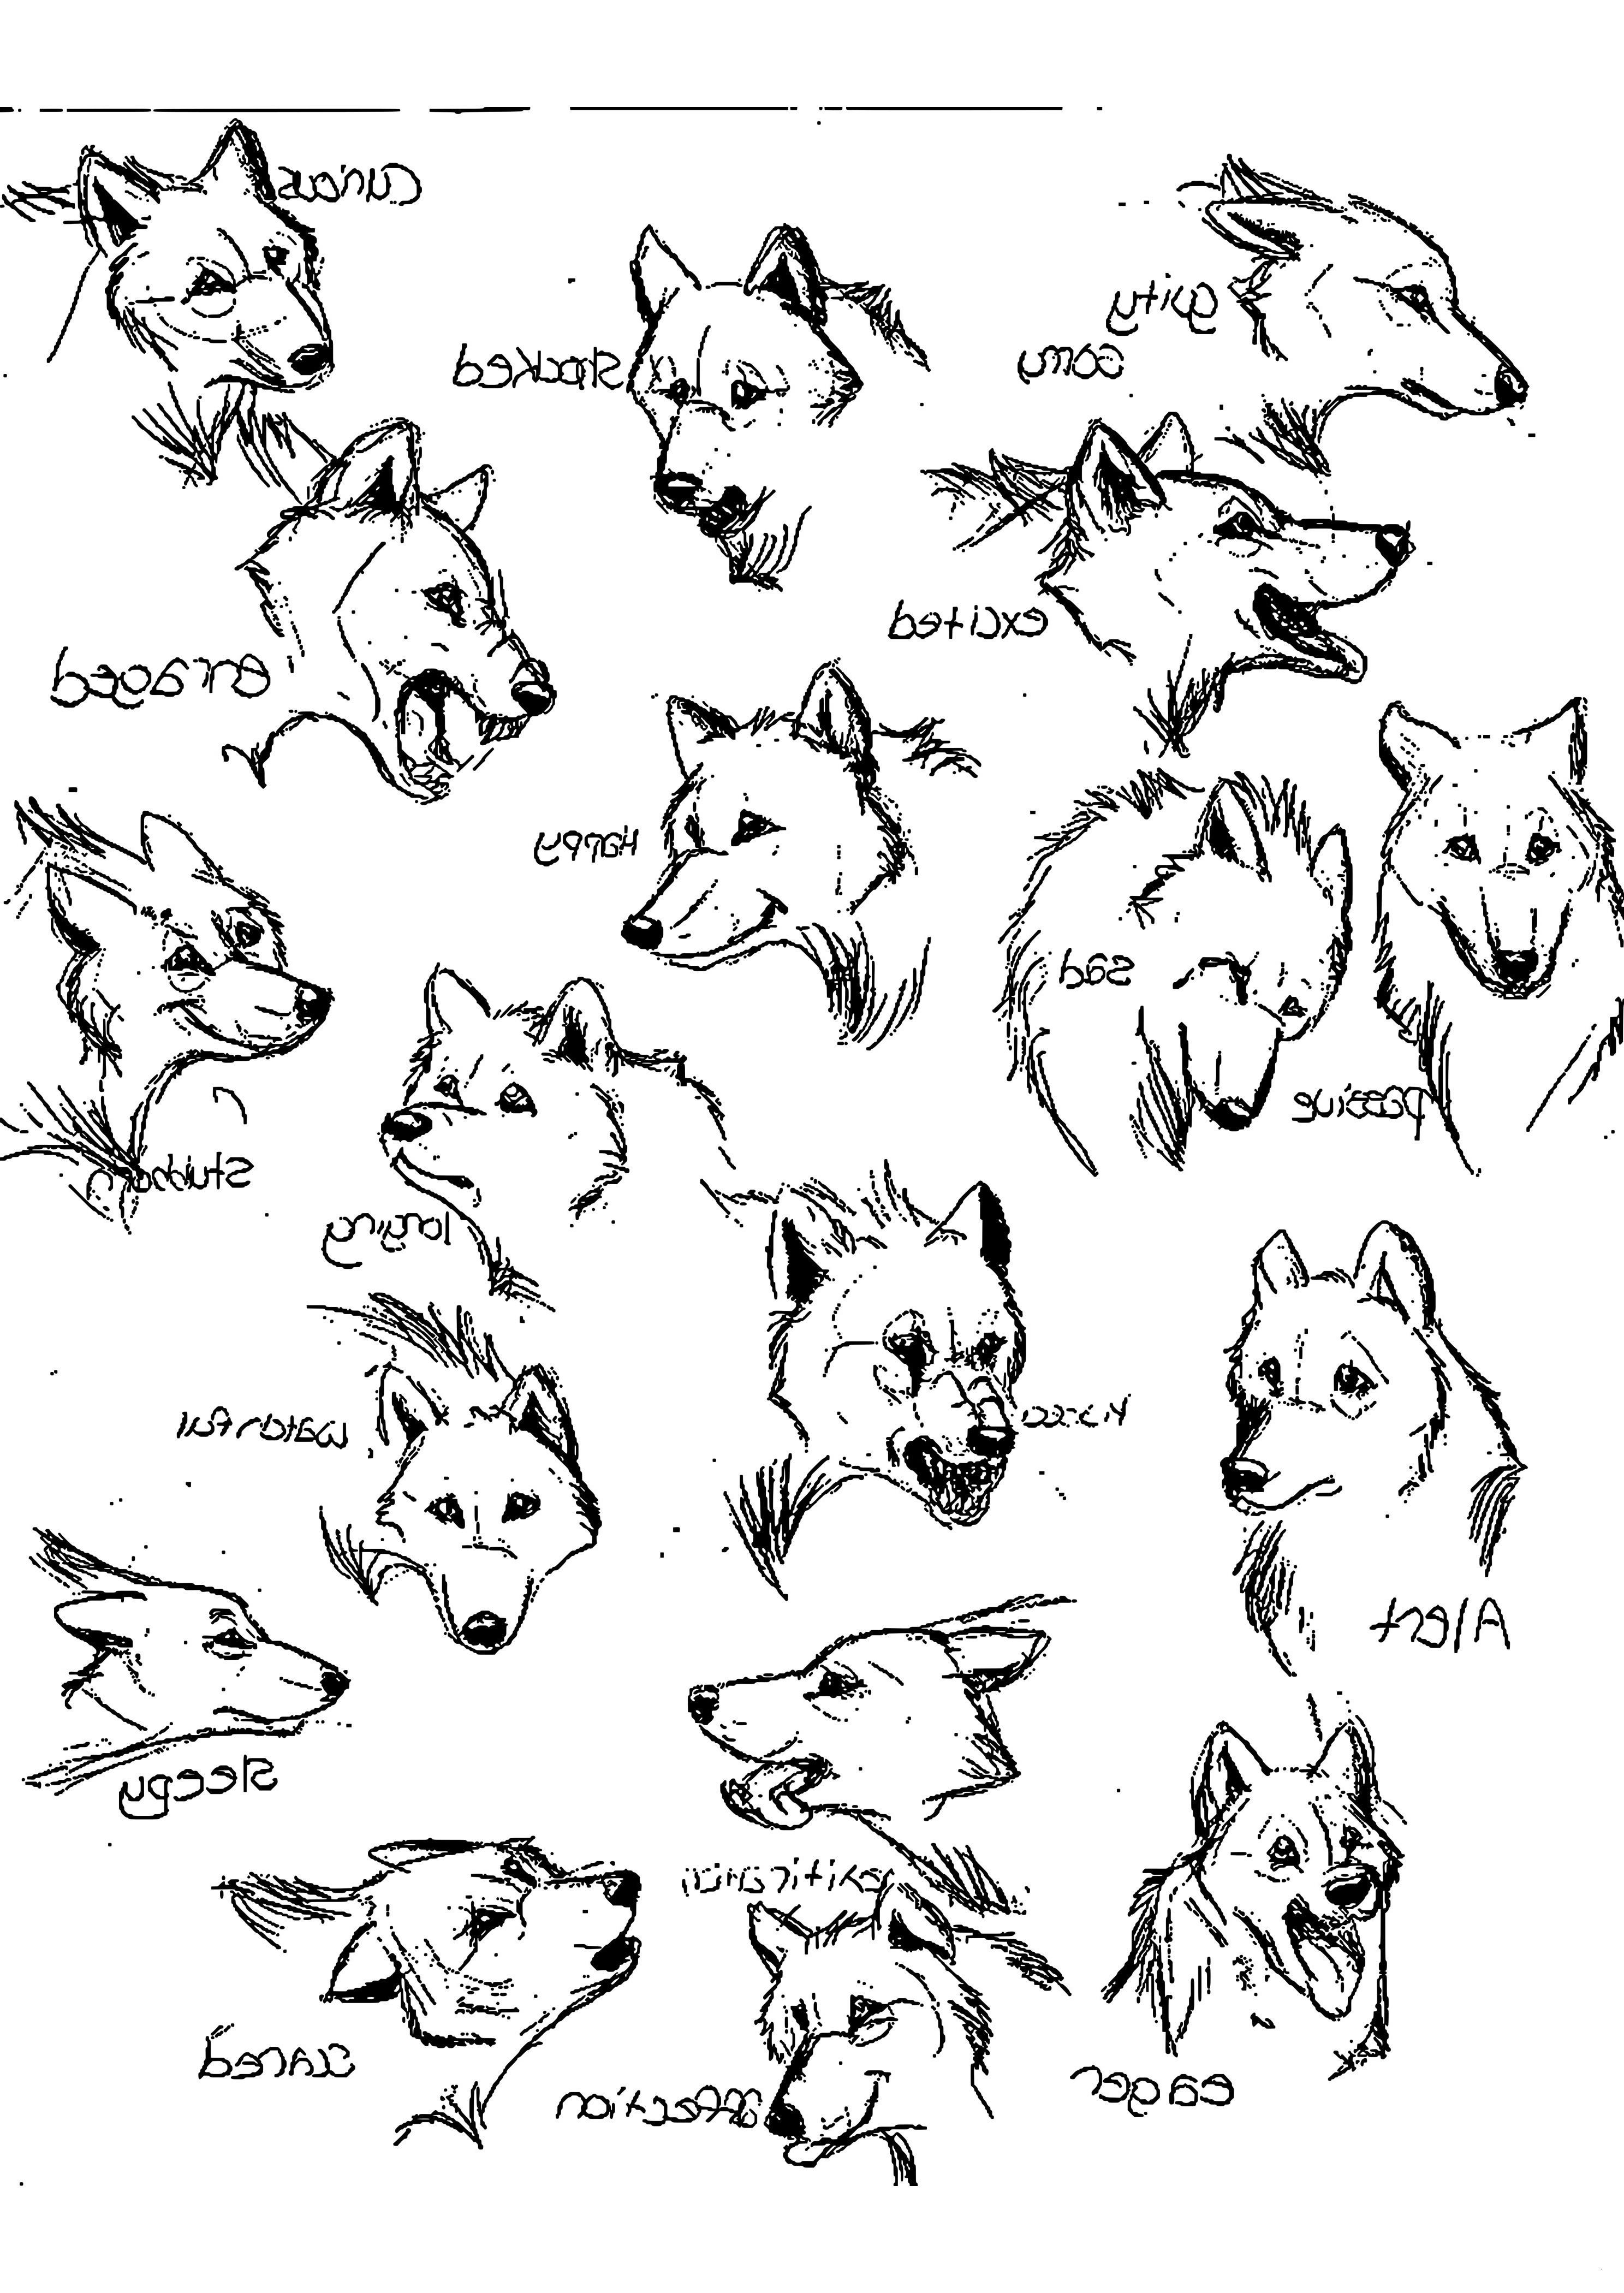 Wolf Bilder Zum Ausmalen Das Beste Von 35 Fantastisch Ausmalbilder